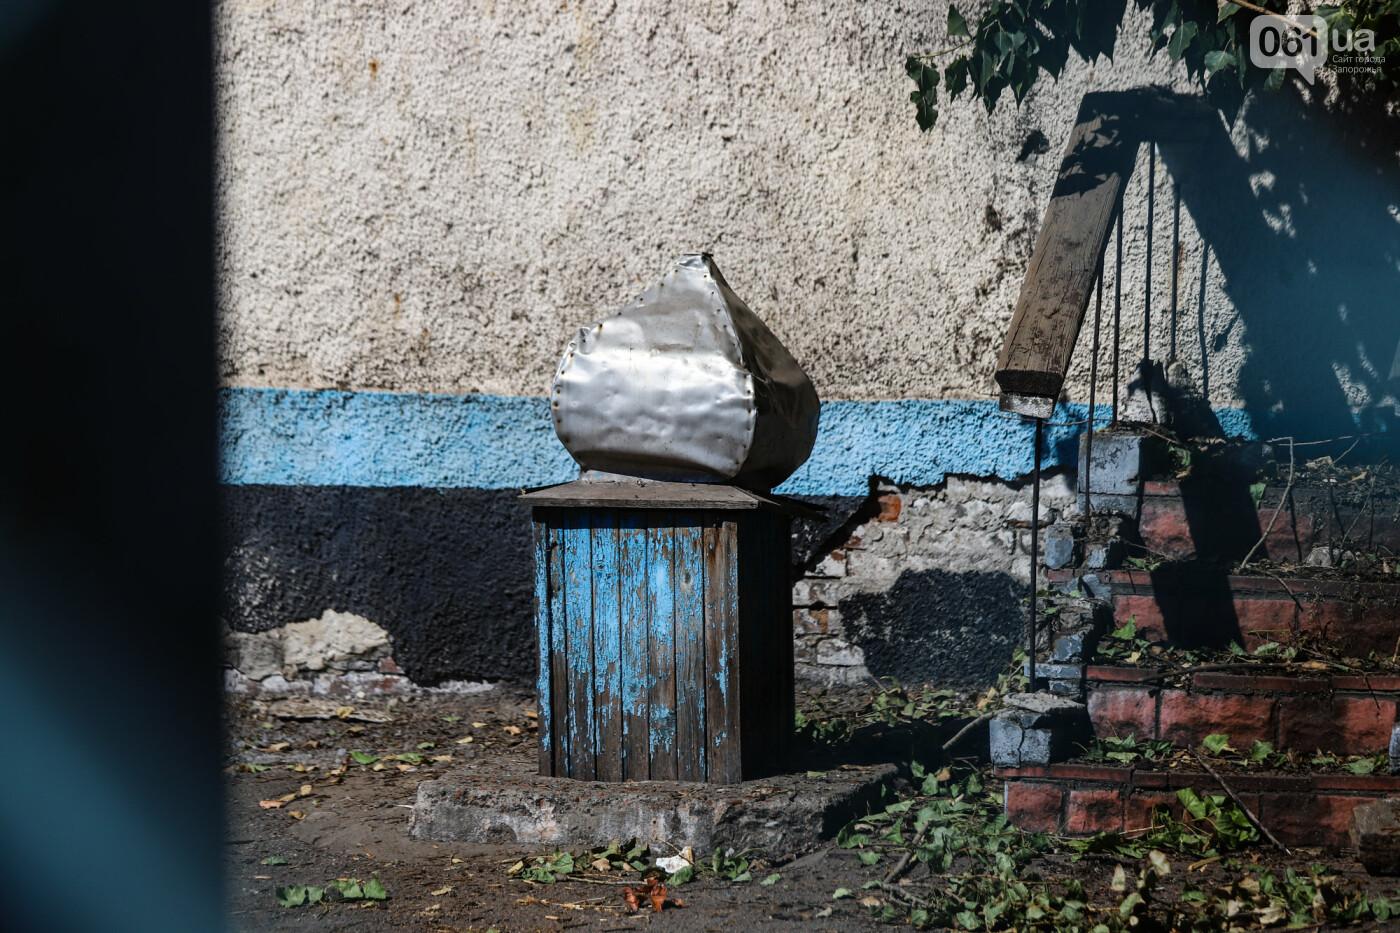 """""""Дело пономарей"""": в Запорожье начали разбирать храм, который пострадал в результате взрыва, - ФОТОРЕПОРТАЖ, фото-16"""